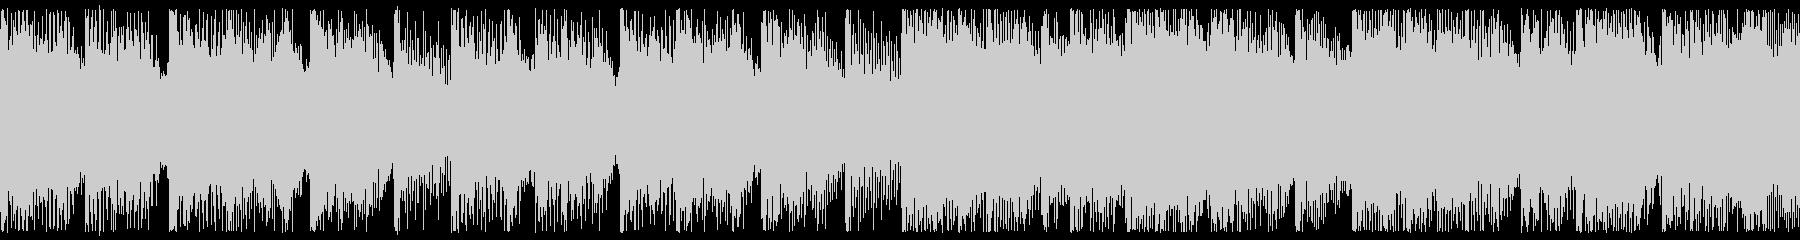 ほのぼのした雰囲気のポップロック-ループの未再生の波形